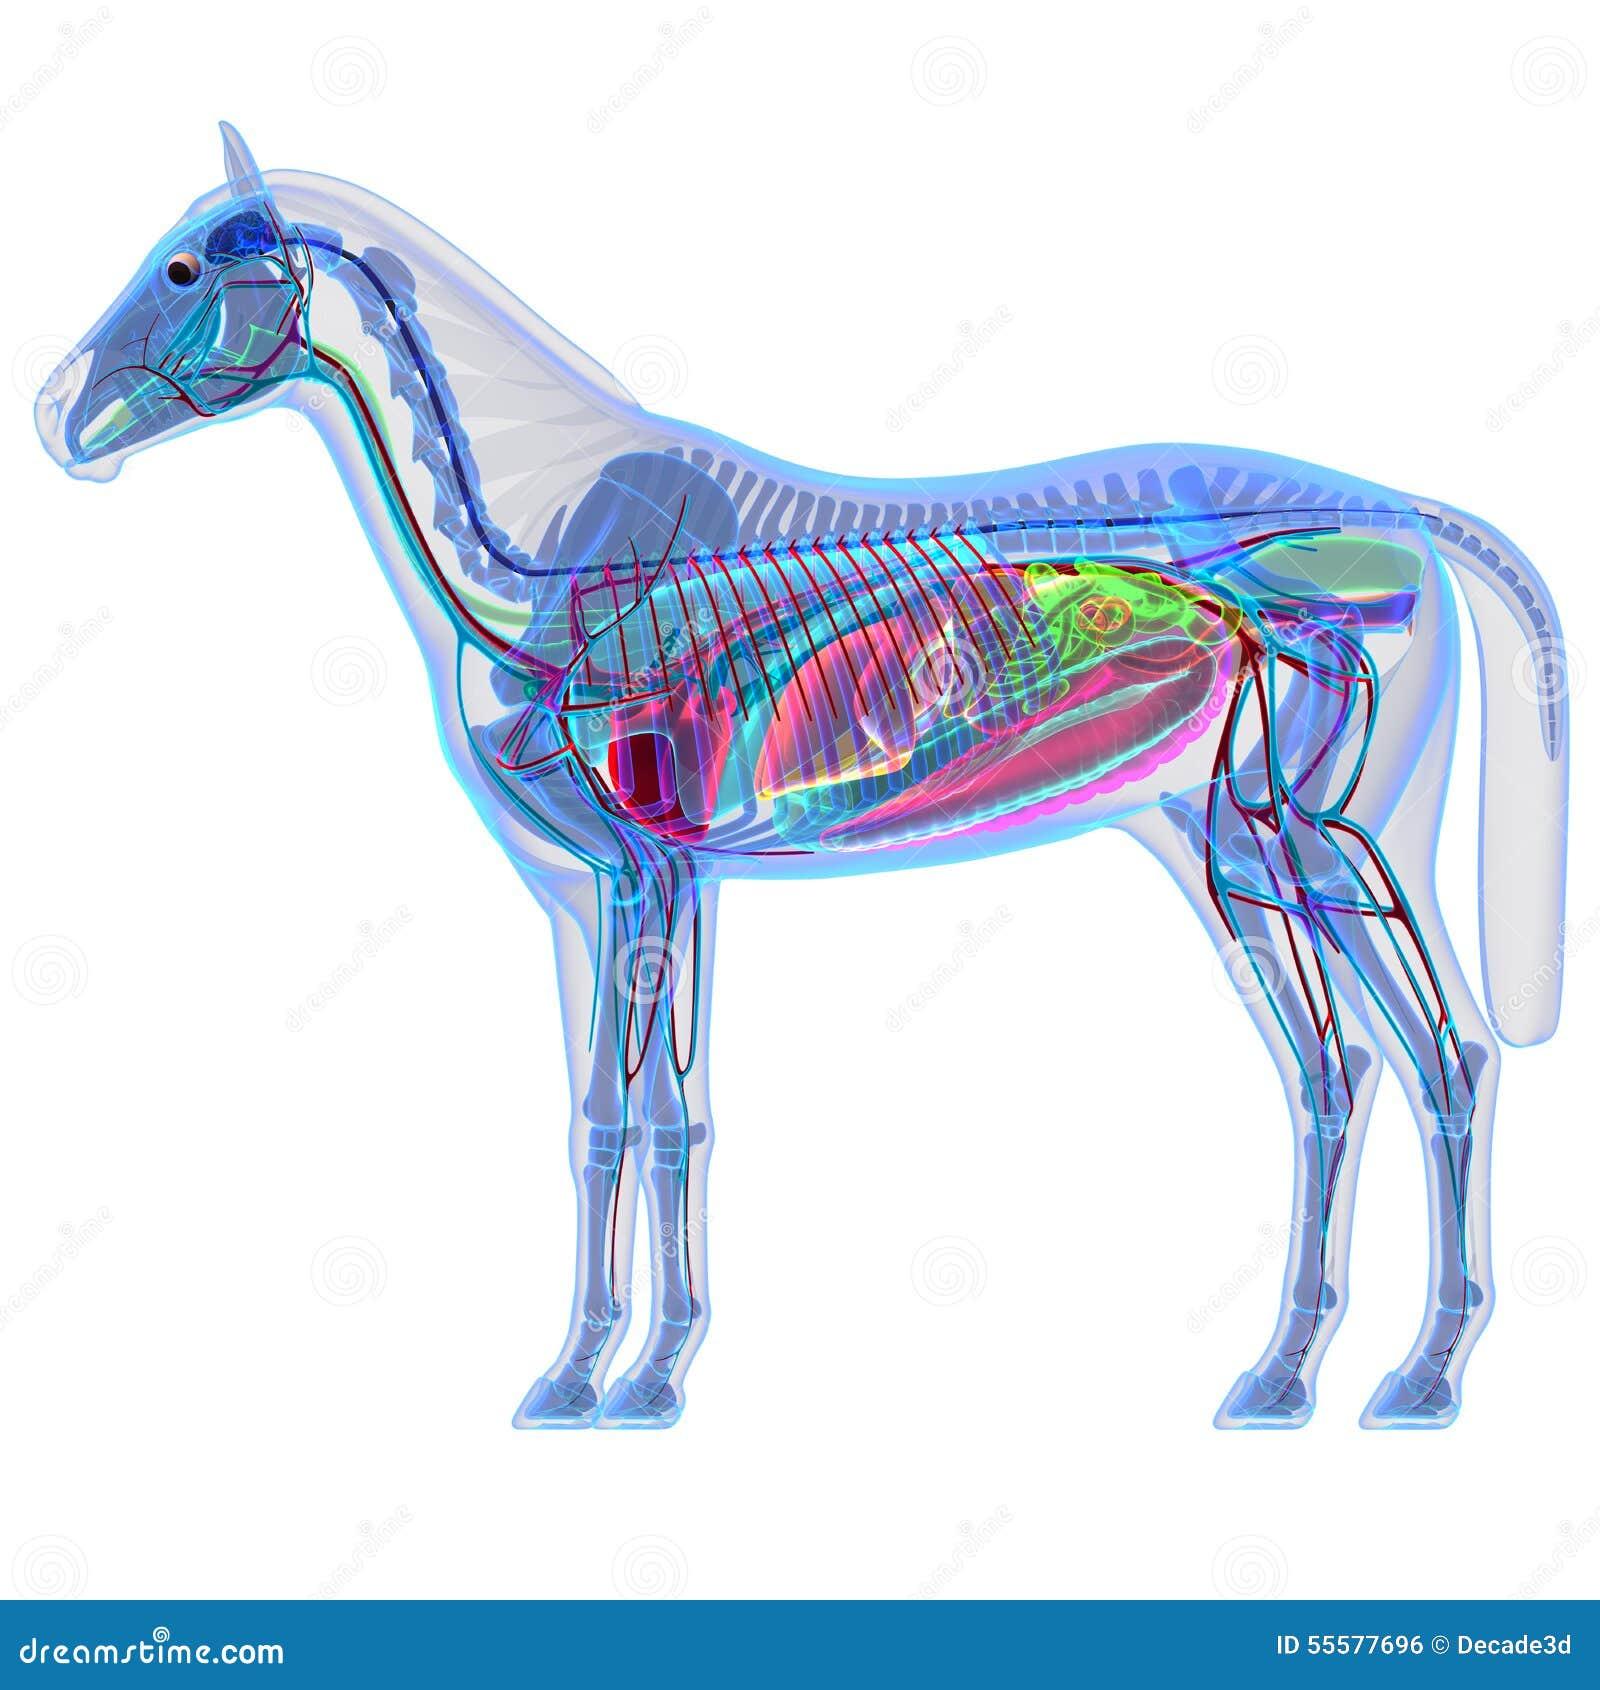 Encantador Caballo Anatomía 3d Cresta - Imágenes de Anatomía Humana ...